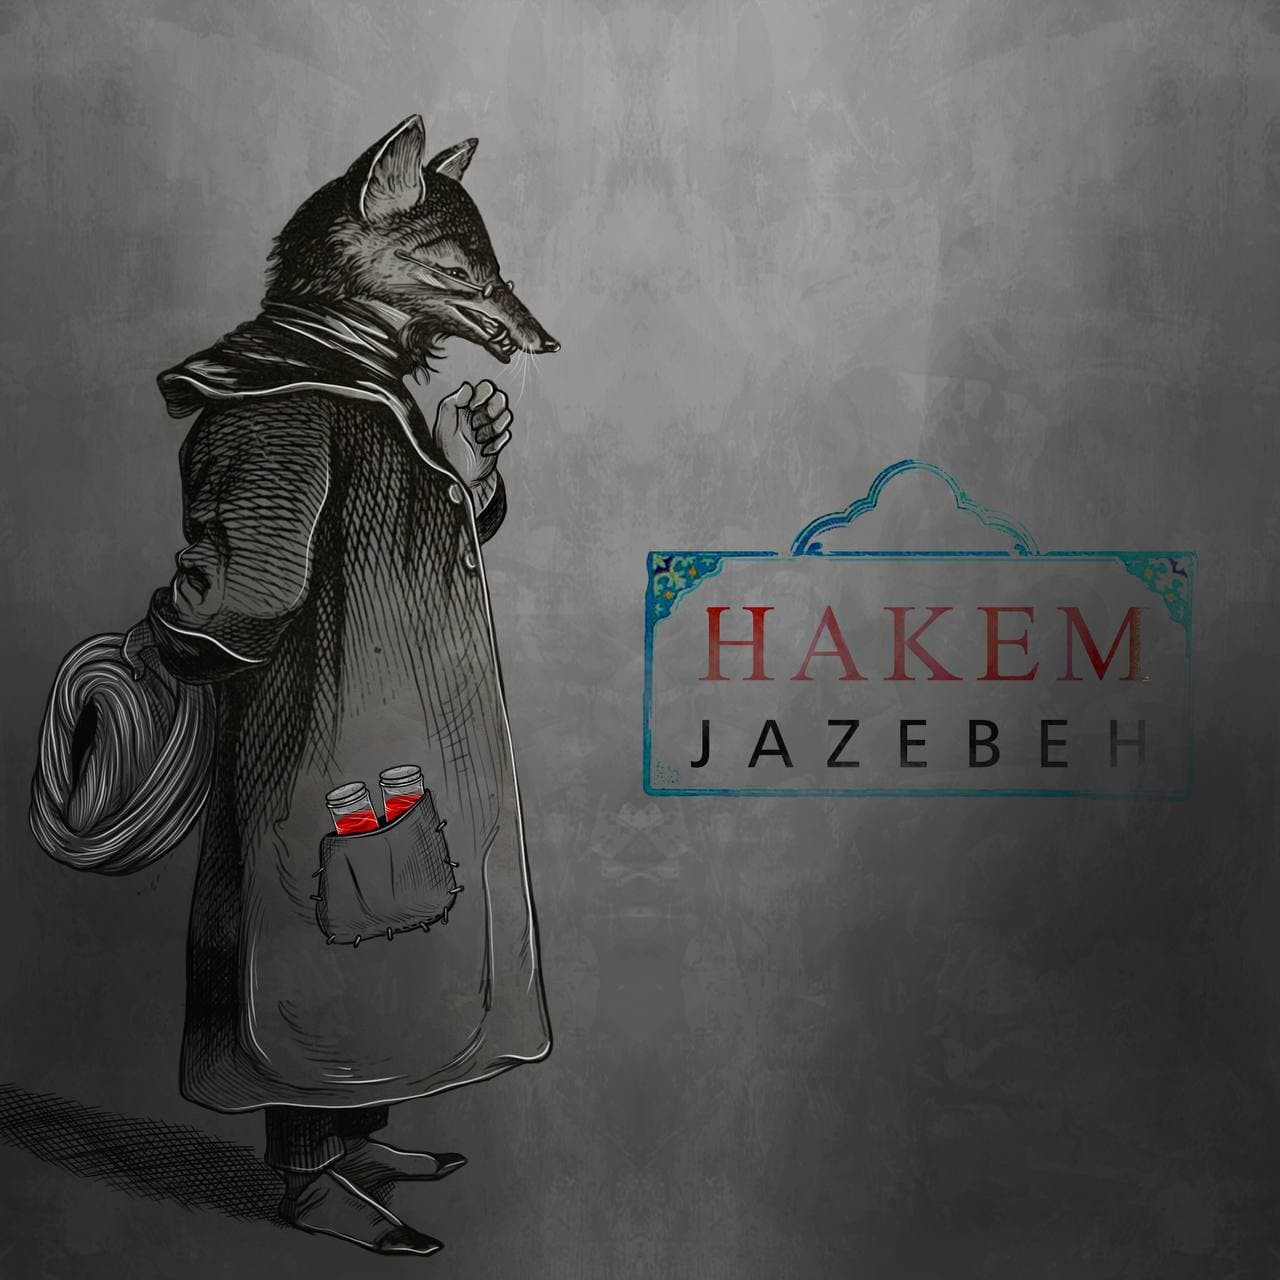 Jazebeh - Hakem